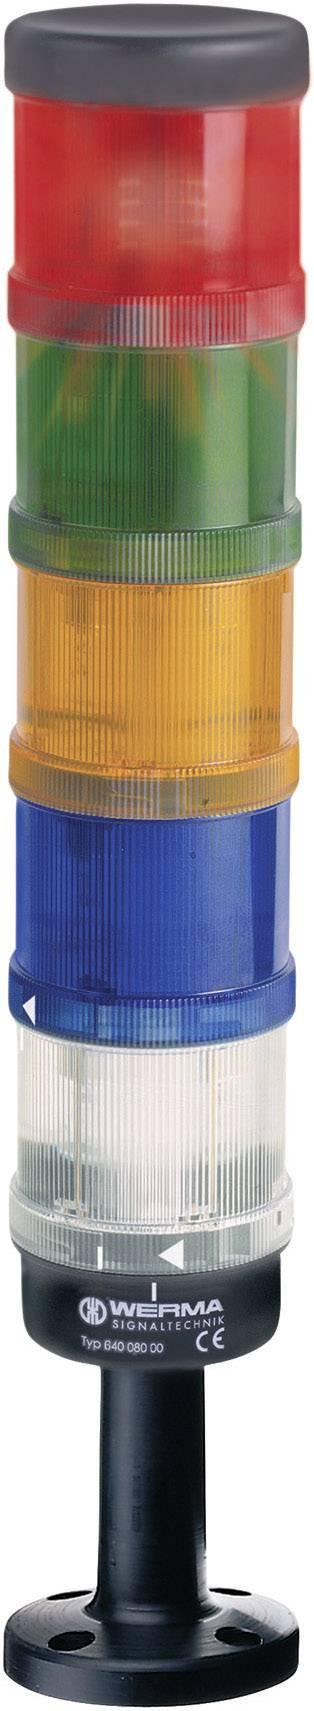 LED blikající signálka Werma 644.110.75, IP65, červená